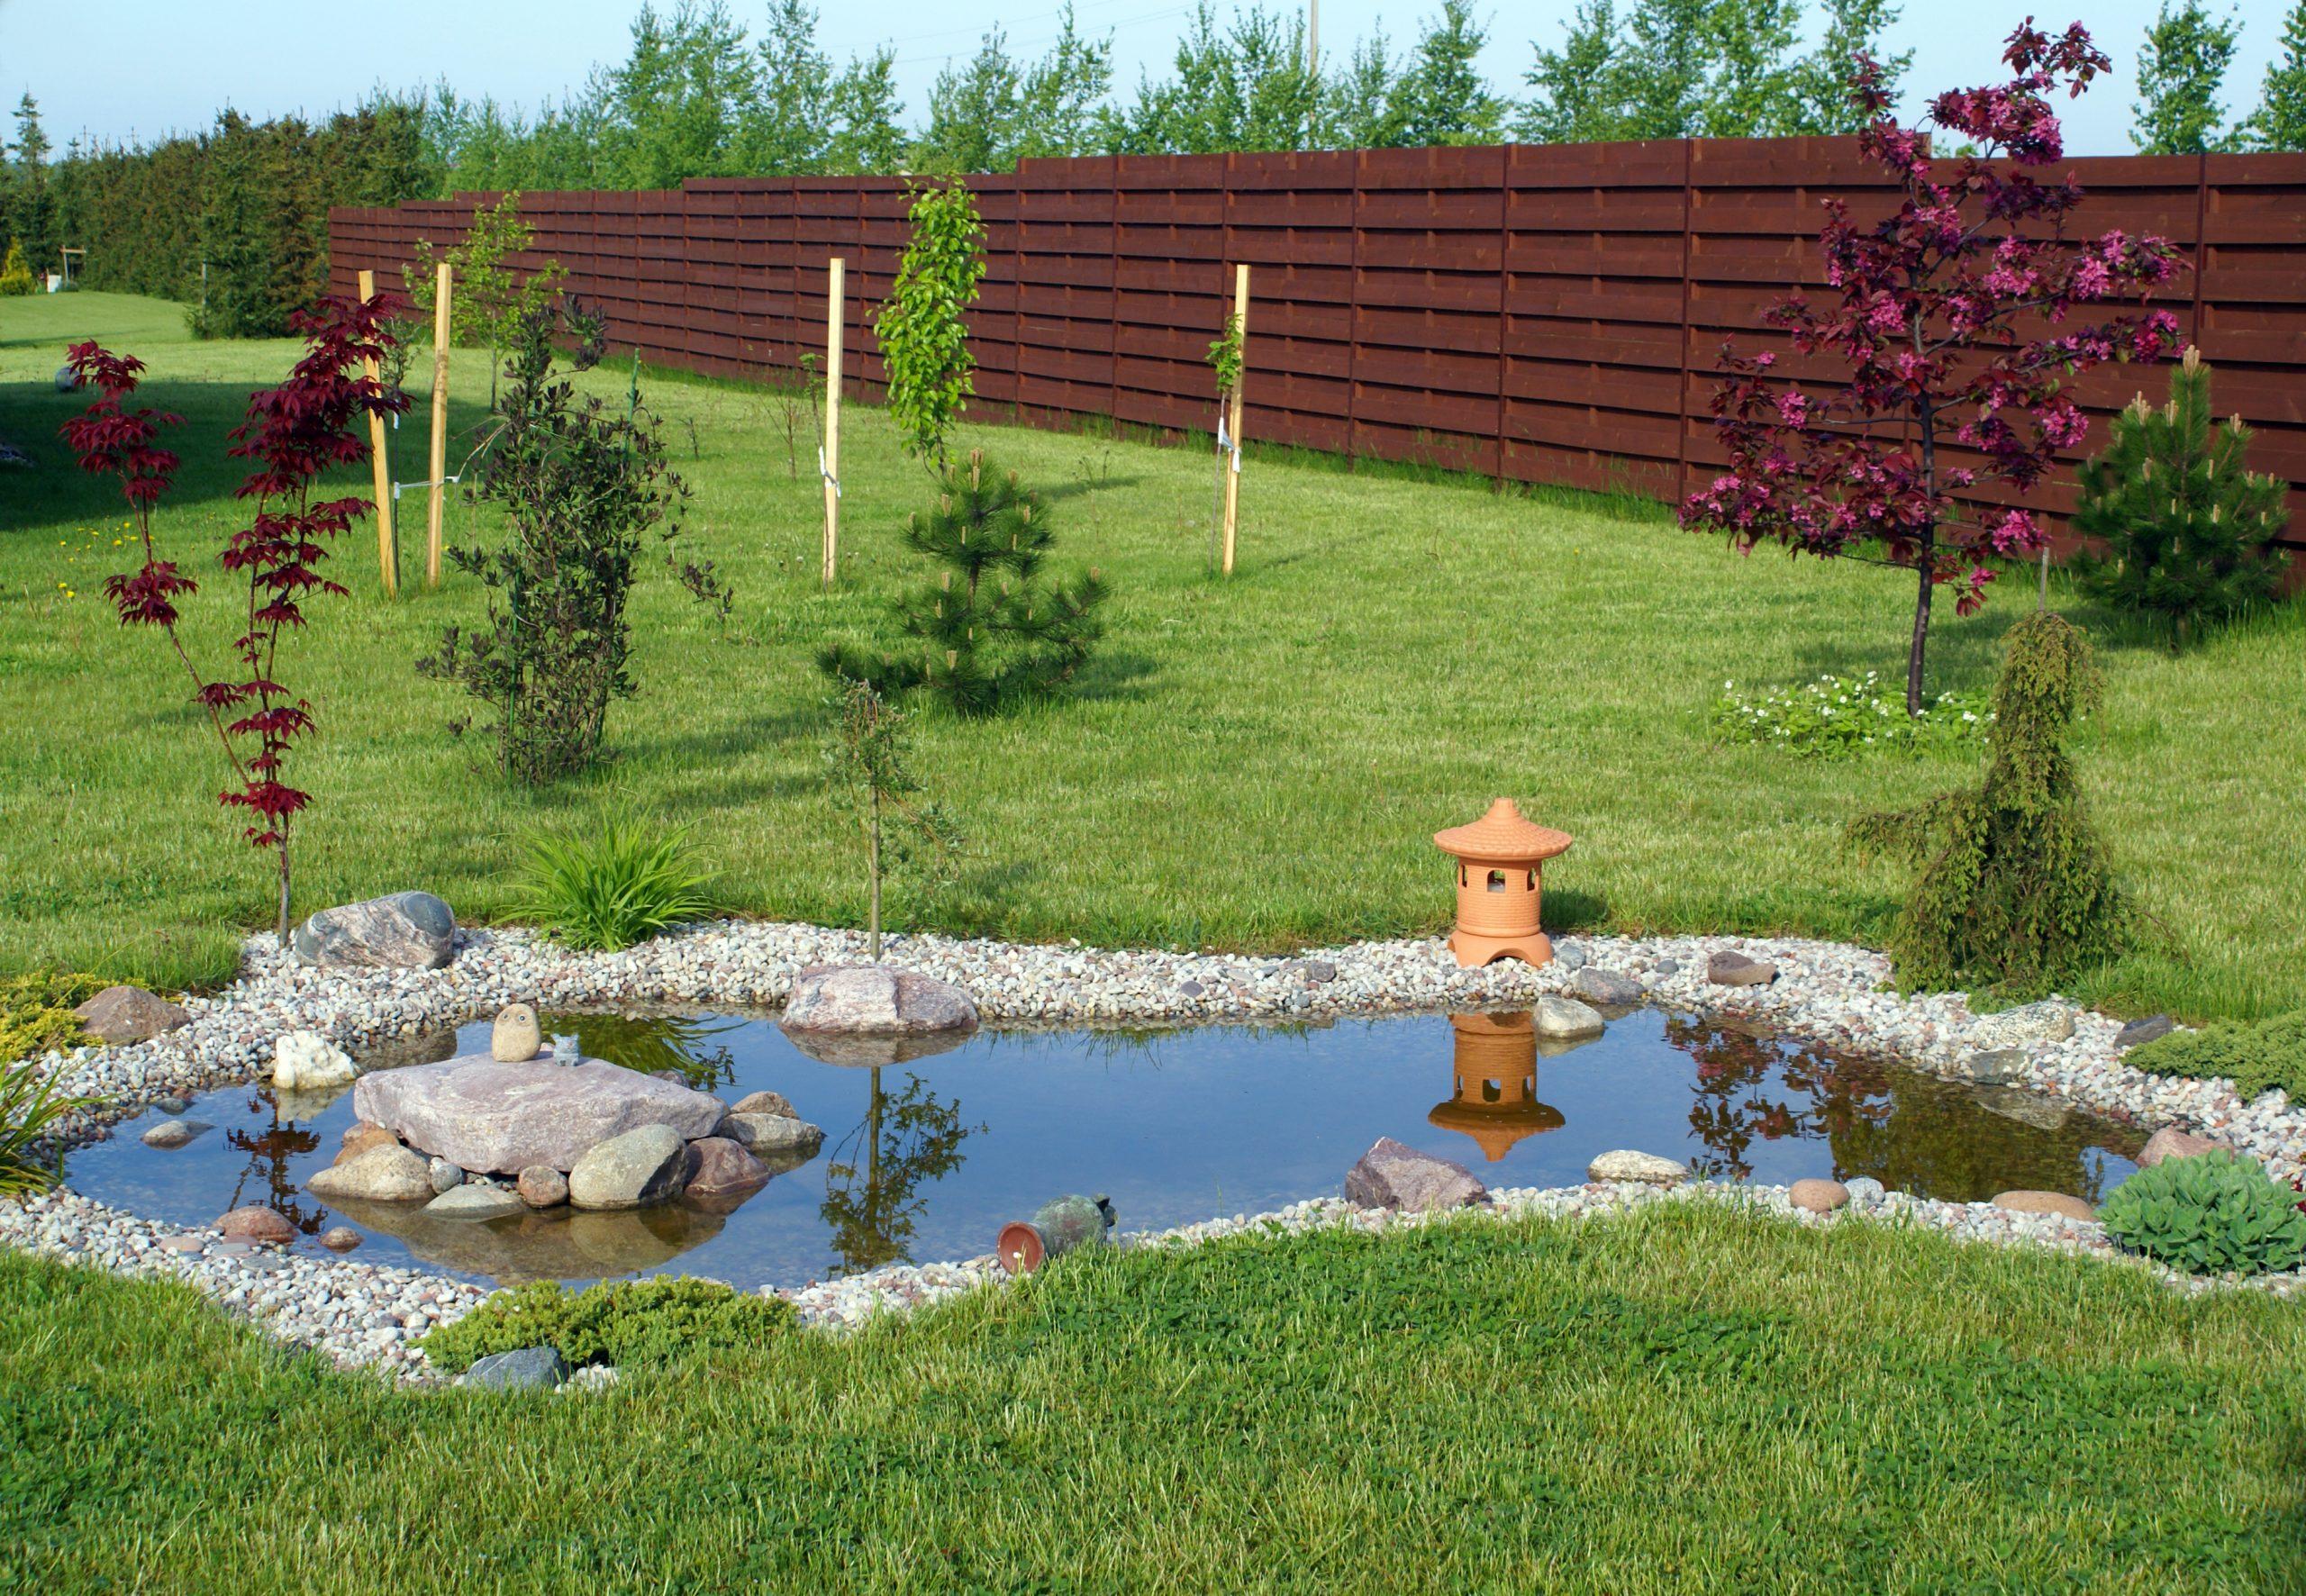 Le Prix D'un Bassin De Jardin intérieur Bassin De Jardin Pour Poisson